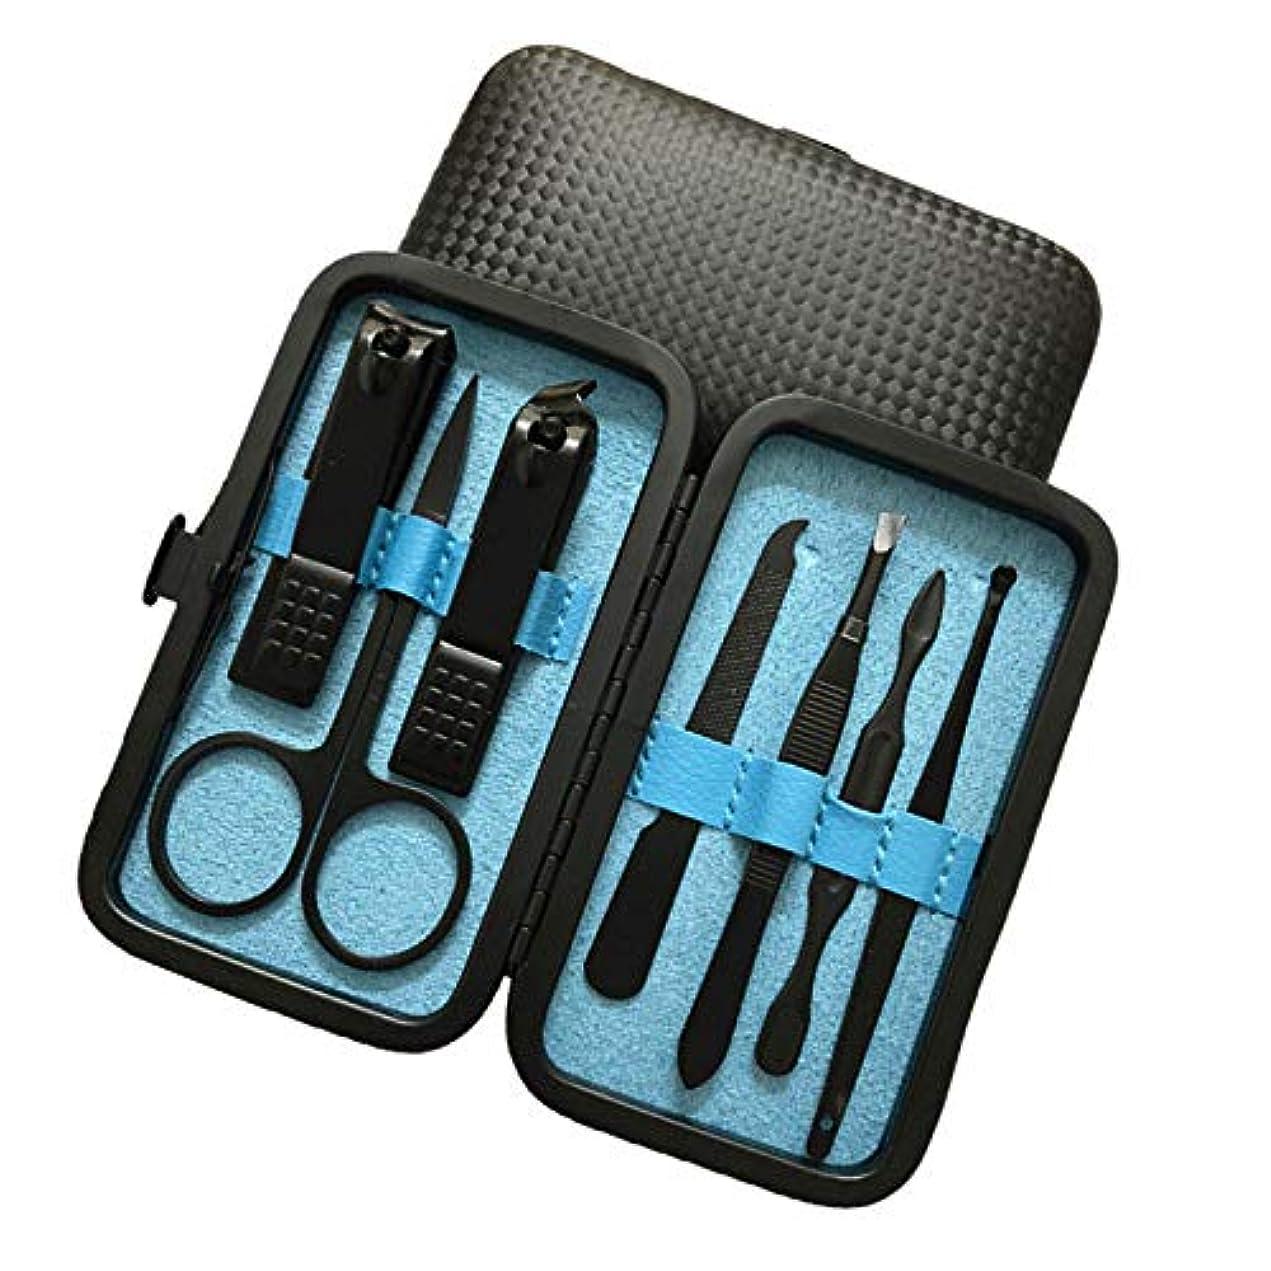 オセアニア脅かす蒸発KIDQEYG 7ピース/セットマニキュアステンレス鋼爪切りスーツポータブル旅行キットマニキュアセット爪ツール